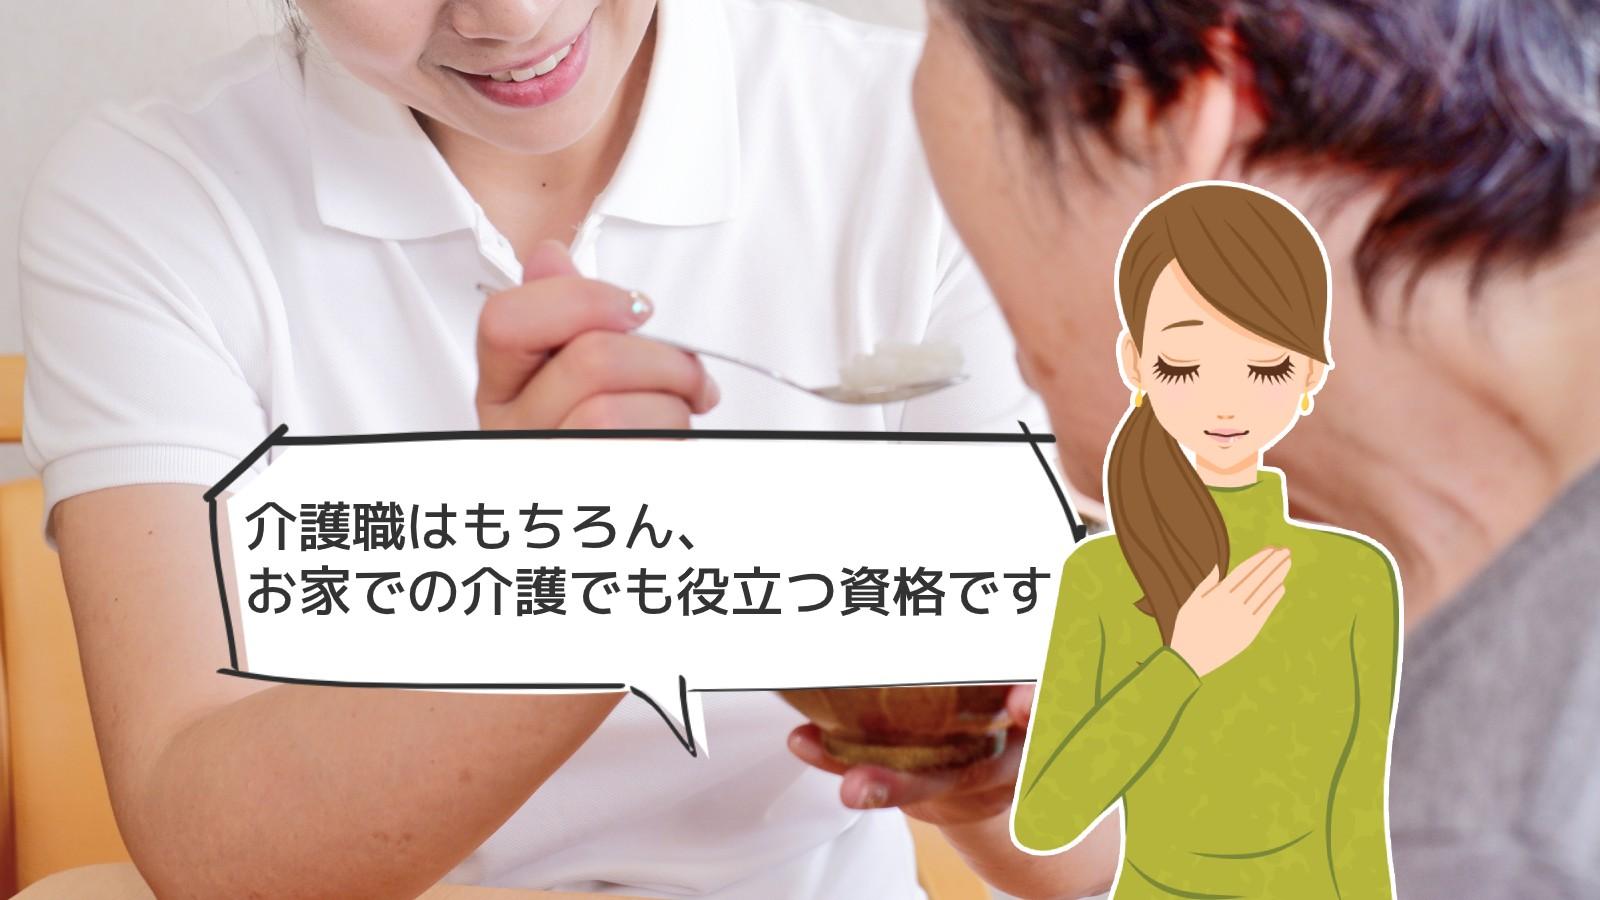 「介護食資格」のアイキャッチ画像